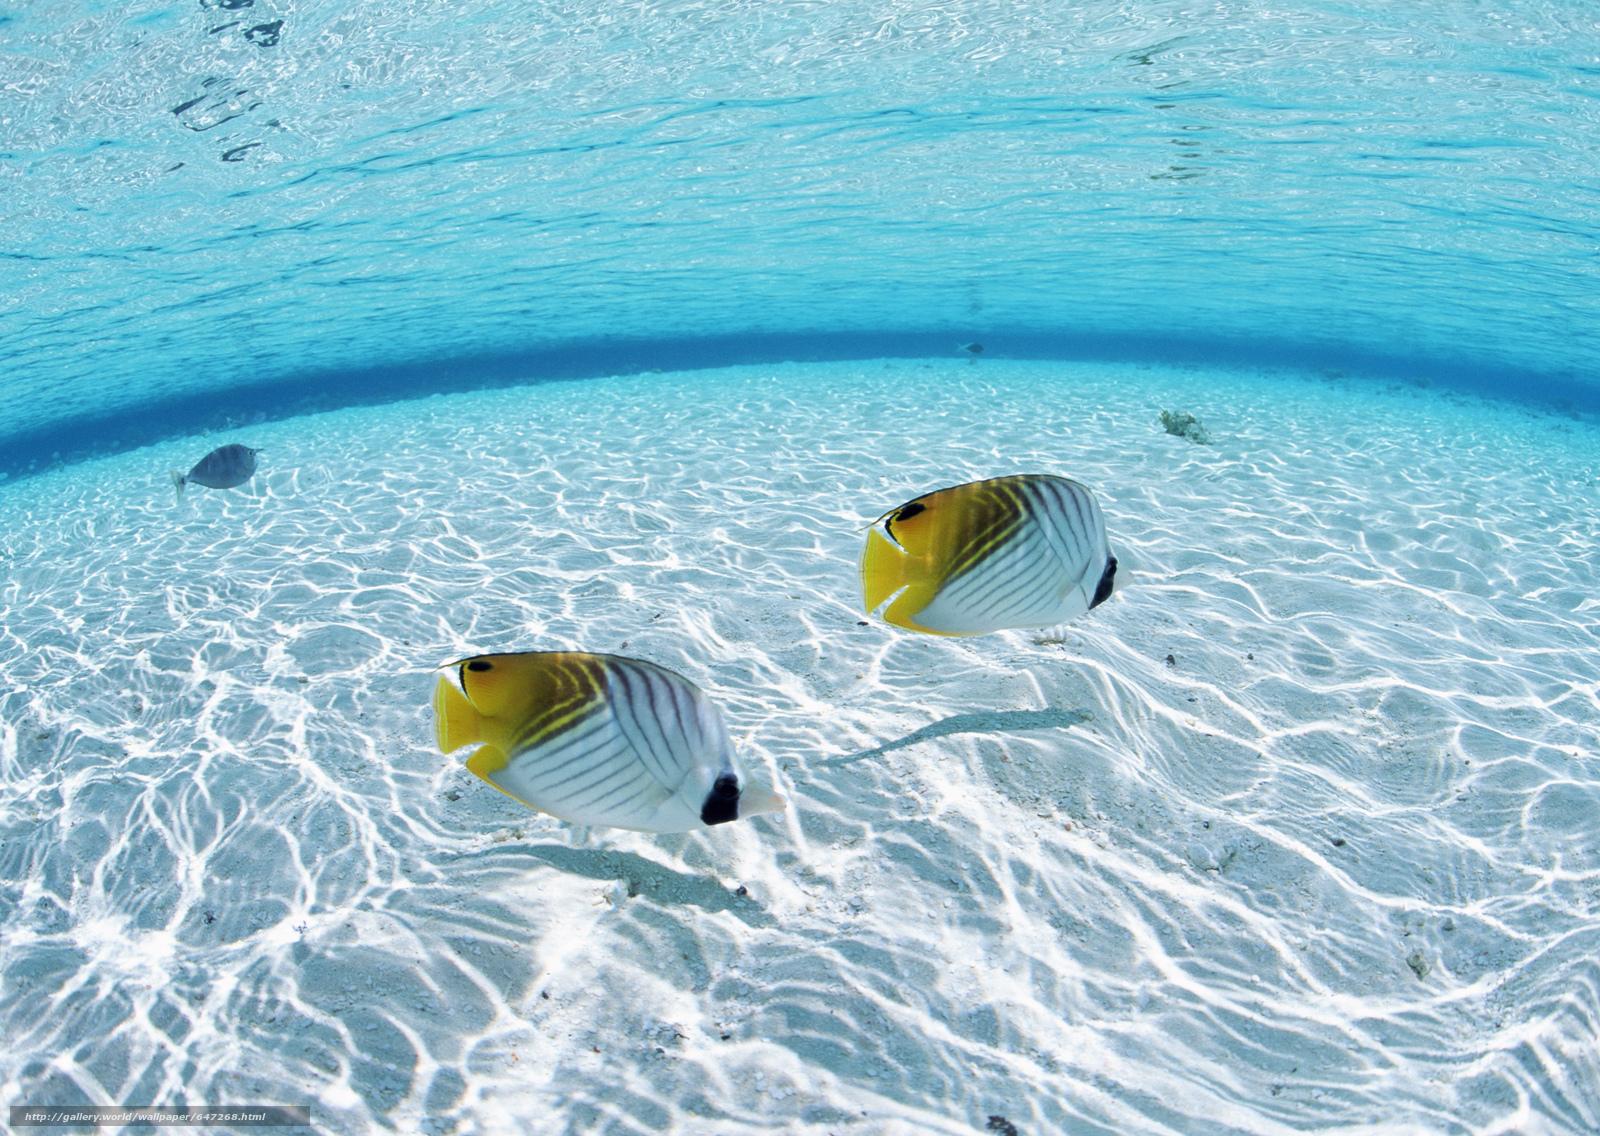 Скачать обои море,  океан,  вода,  рыбки бесплатно для рабочего стола в разрешении 2950x2094 — картинка №647268